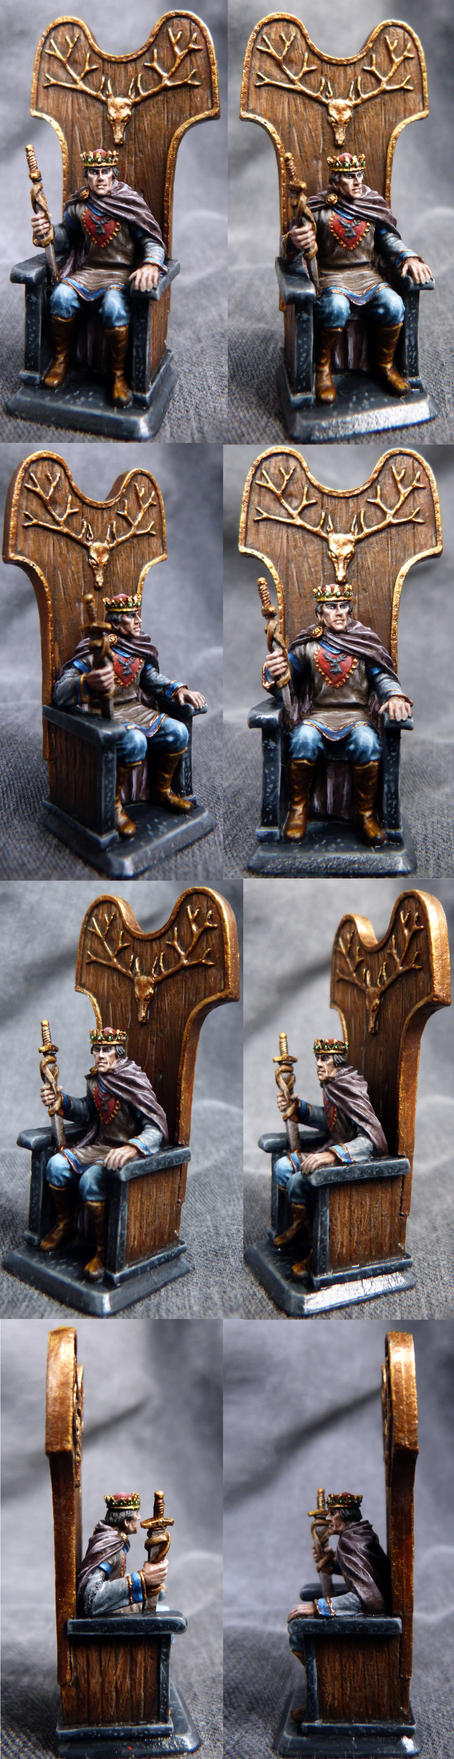 Stannis Baratheon by DaOldHorse